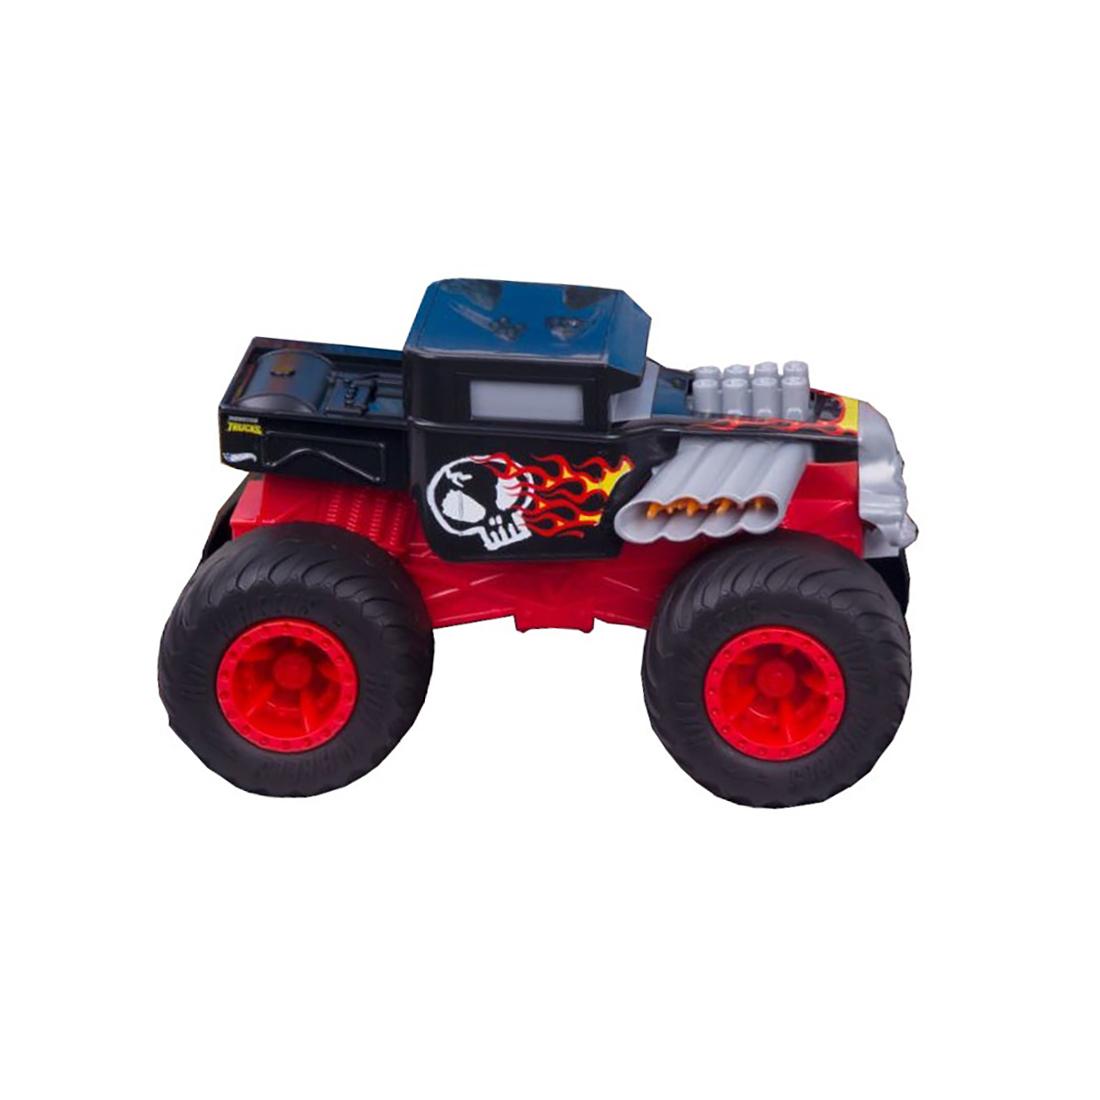 Masinuta cu functii Hot Wheels, Bone Shaker, 1:24, GCG07